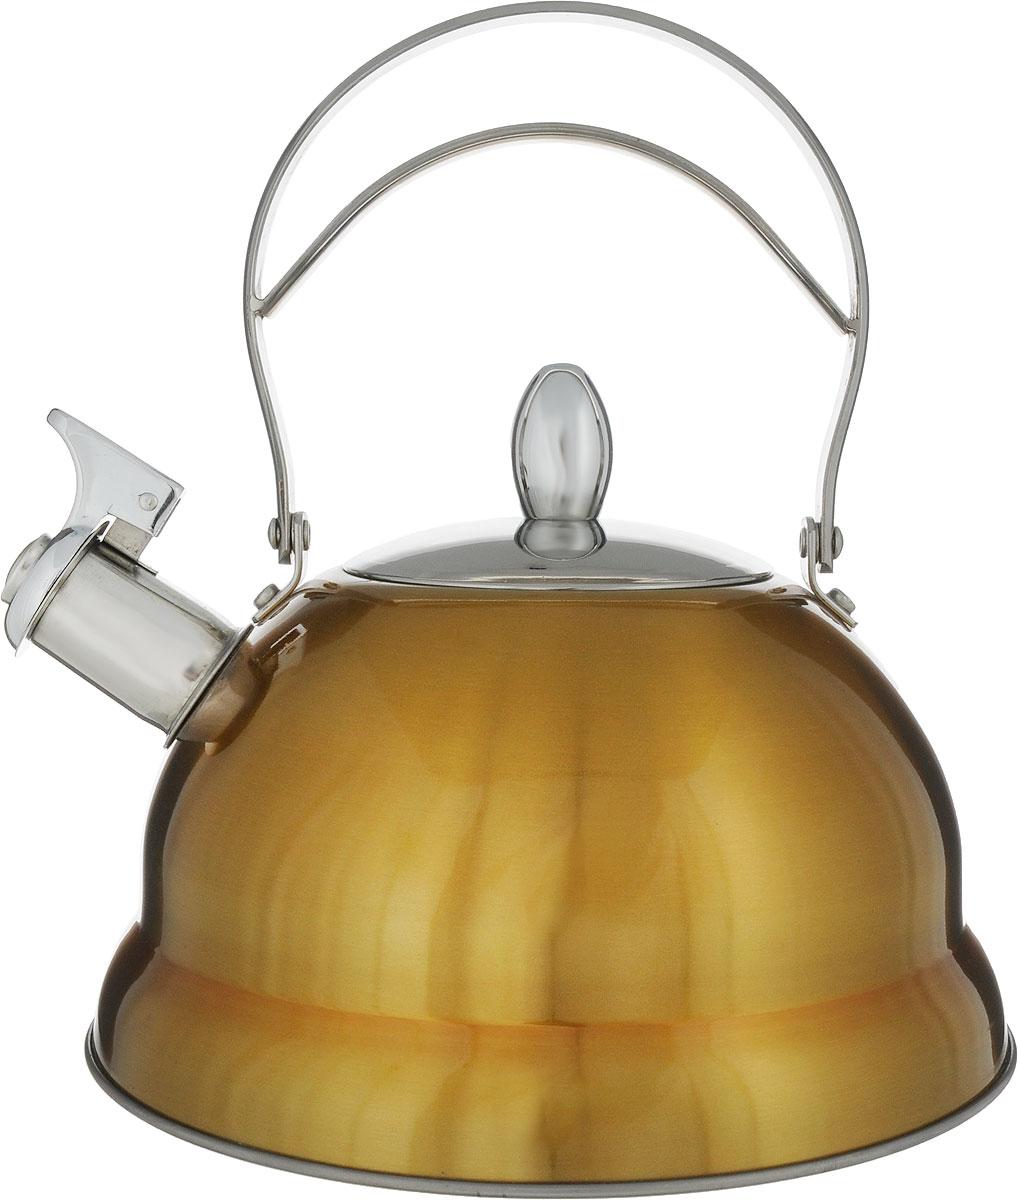 Чайник Bekker De Luxe со свистком, цвет: желтый, 2,7 л. BK-S459BK-S459_желтыйЧайник Bekker De Luxe изготовлен из высококачественной нержавеющей стали 18/10 с цветным эмалевым покрытием. Капсулированное дно распределяет тепло по всей поверхности, что позволяет чайнику быстро закипать. Ручка подвижная. Носик оснащен откидным свистком, который подскажет, когда вода закипела. Свисток открывается и закрывается рычагом на носике. Подходит для всех типов плит, включая индукционные. Можно мыть в посудомоечной машине.Диаметр (по верхнему краю): 10 см. Диаметр основания: 22 см. Высота чайника (без учета ручки): 11,5 см. Высота чайника (с учетом ручки): 25 см.